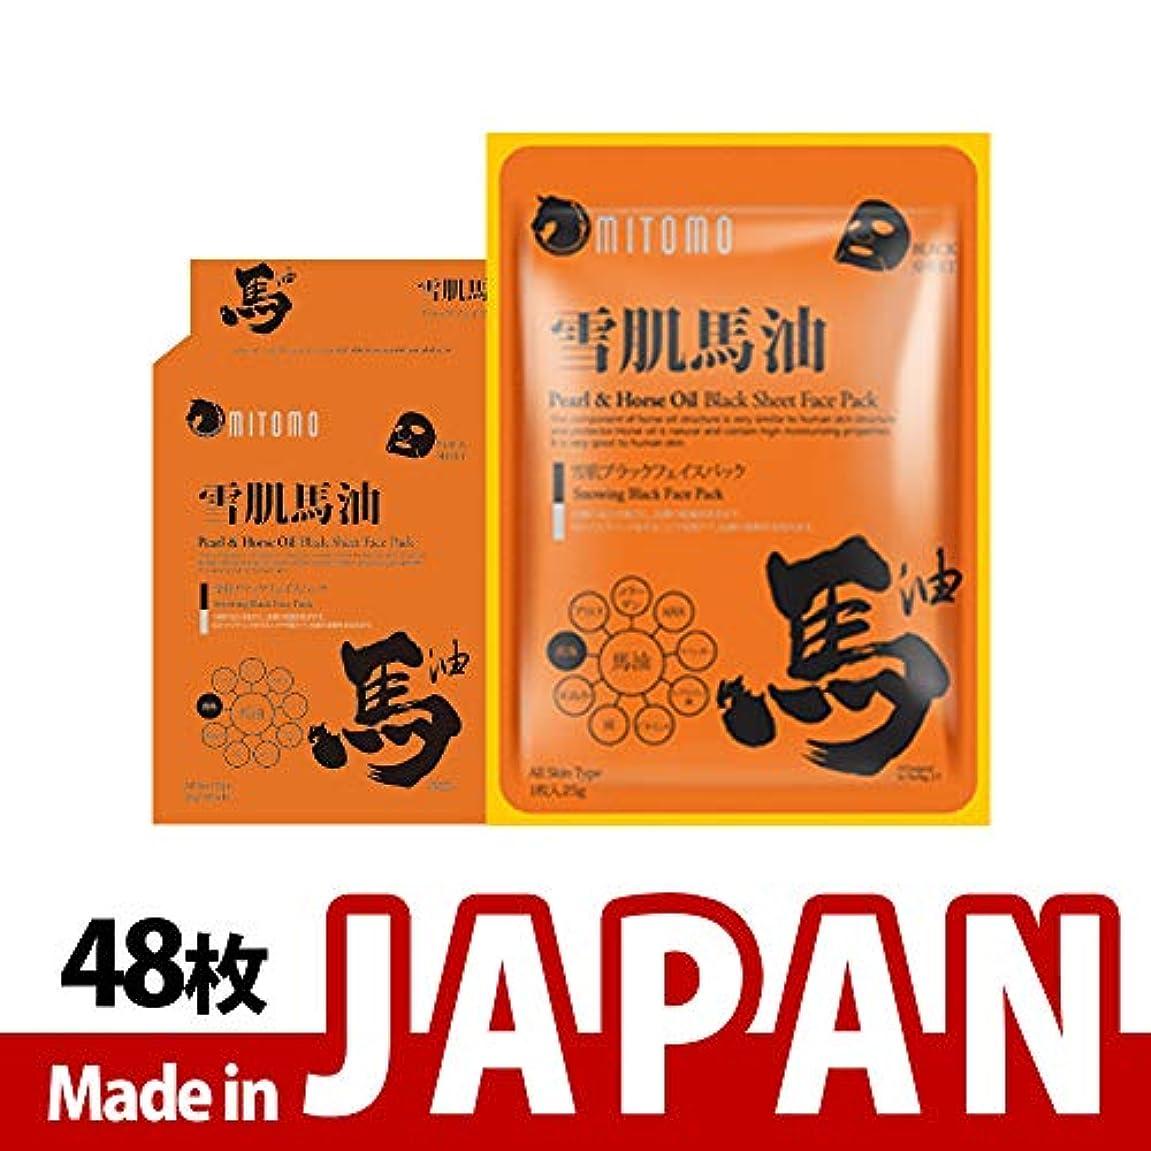 用心アクロバット安定したMITOMO【MC740-A-1】日本製シートマスク/6枚入り/48枚/美容液/マスクパック/送料無料